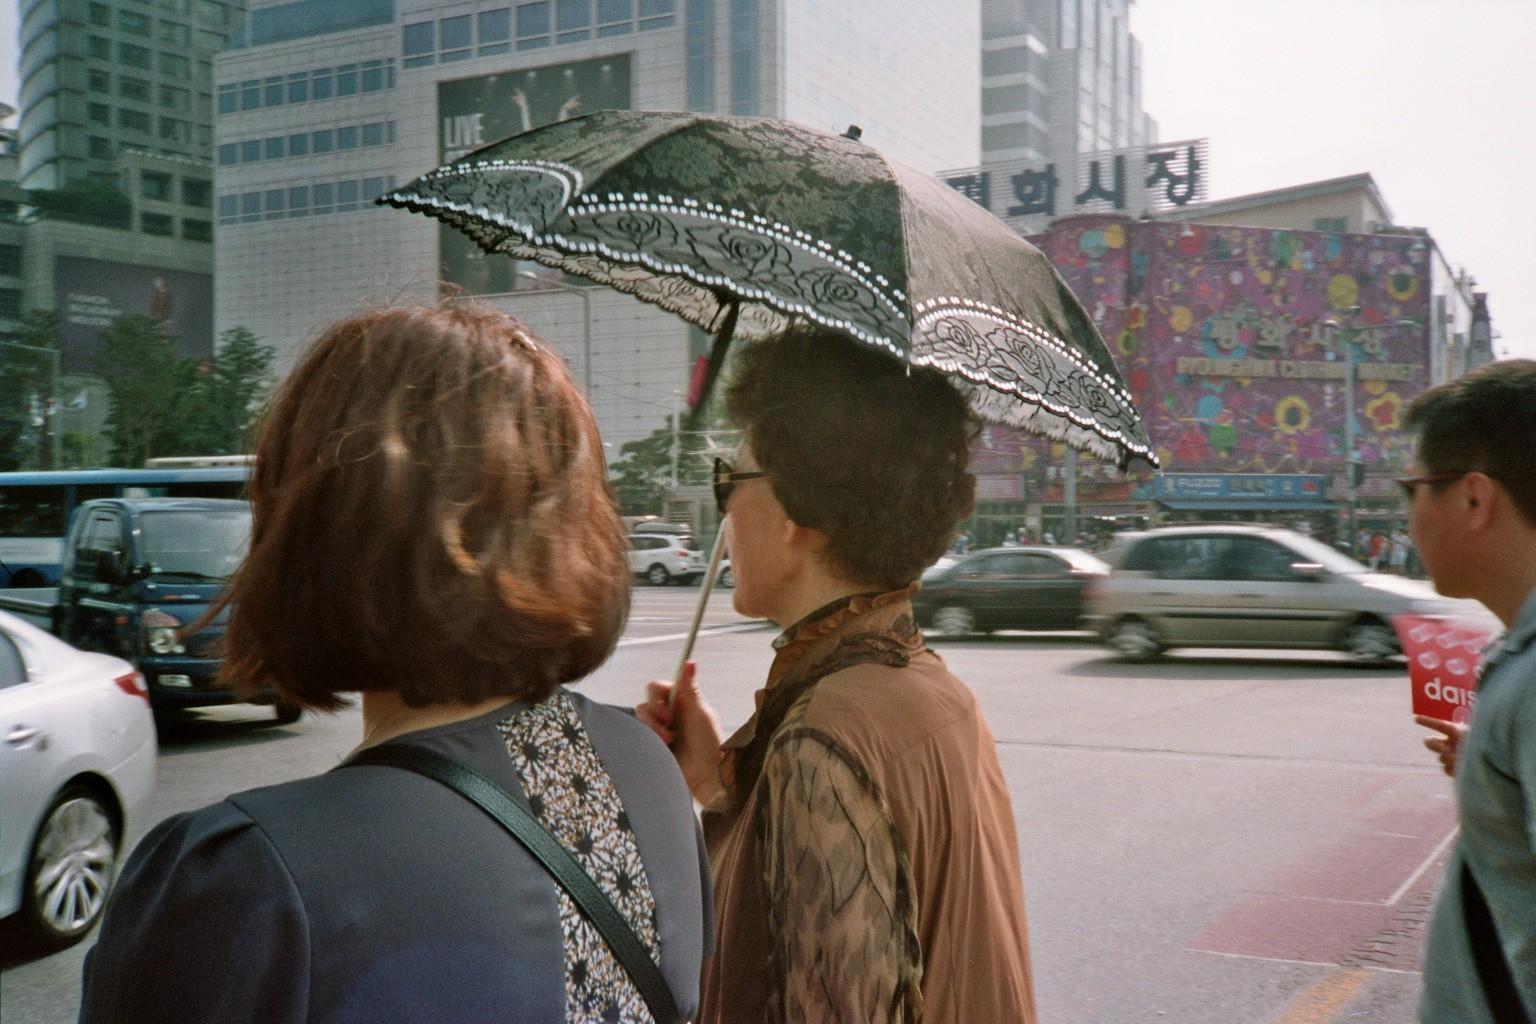 South Korea Seoul women umbrella